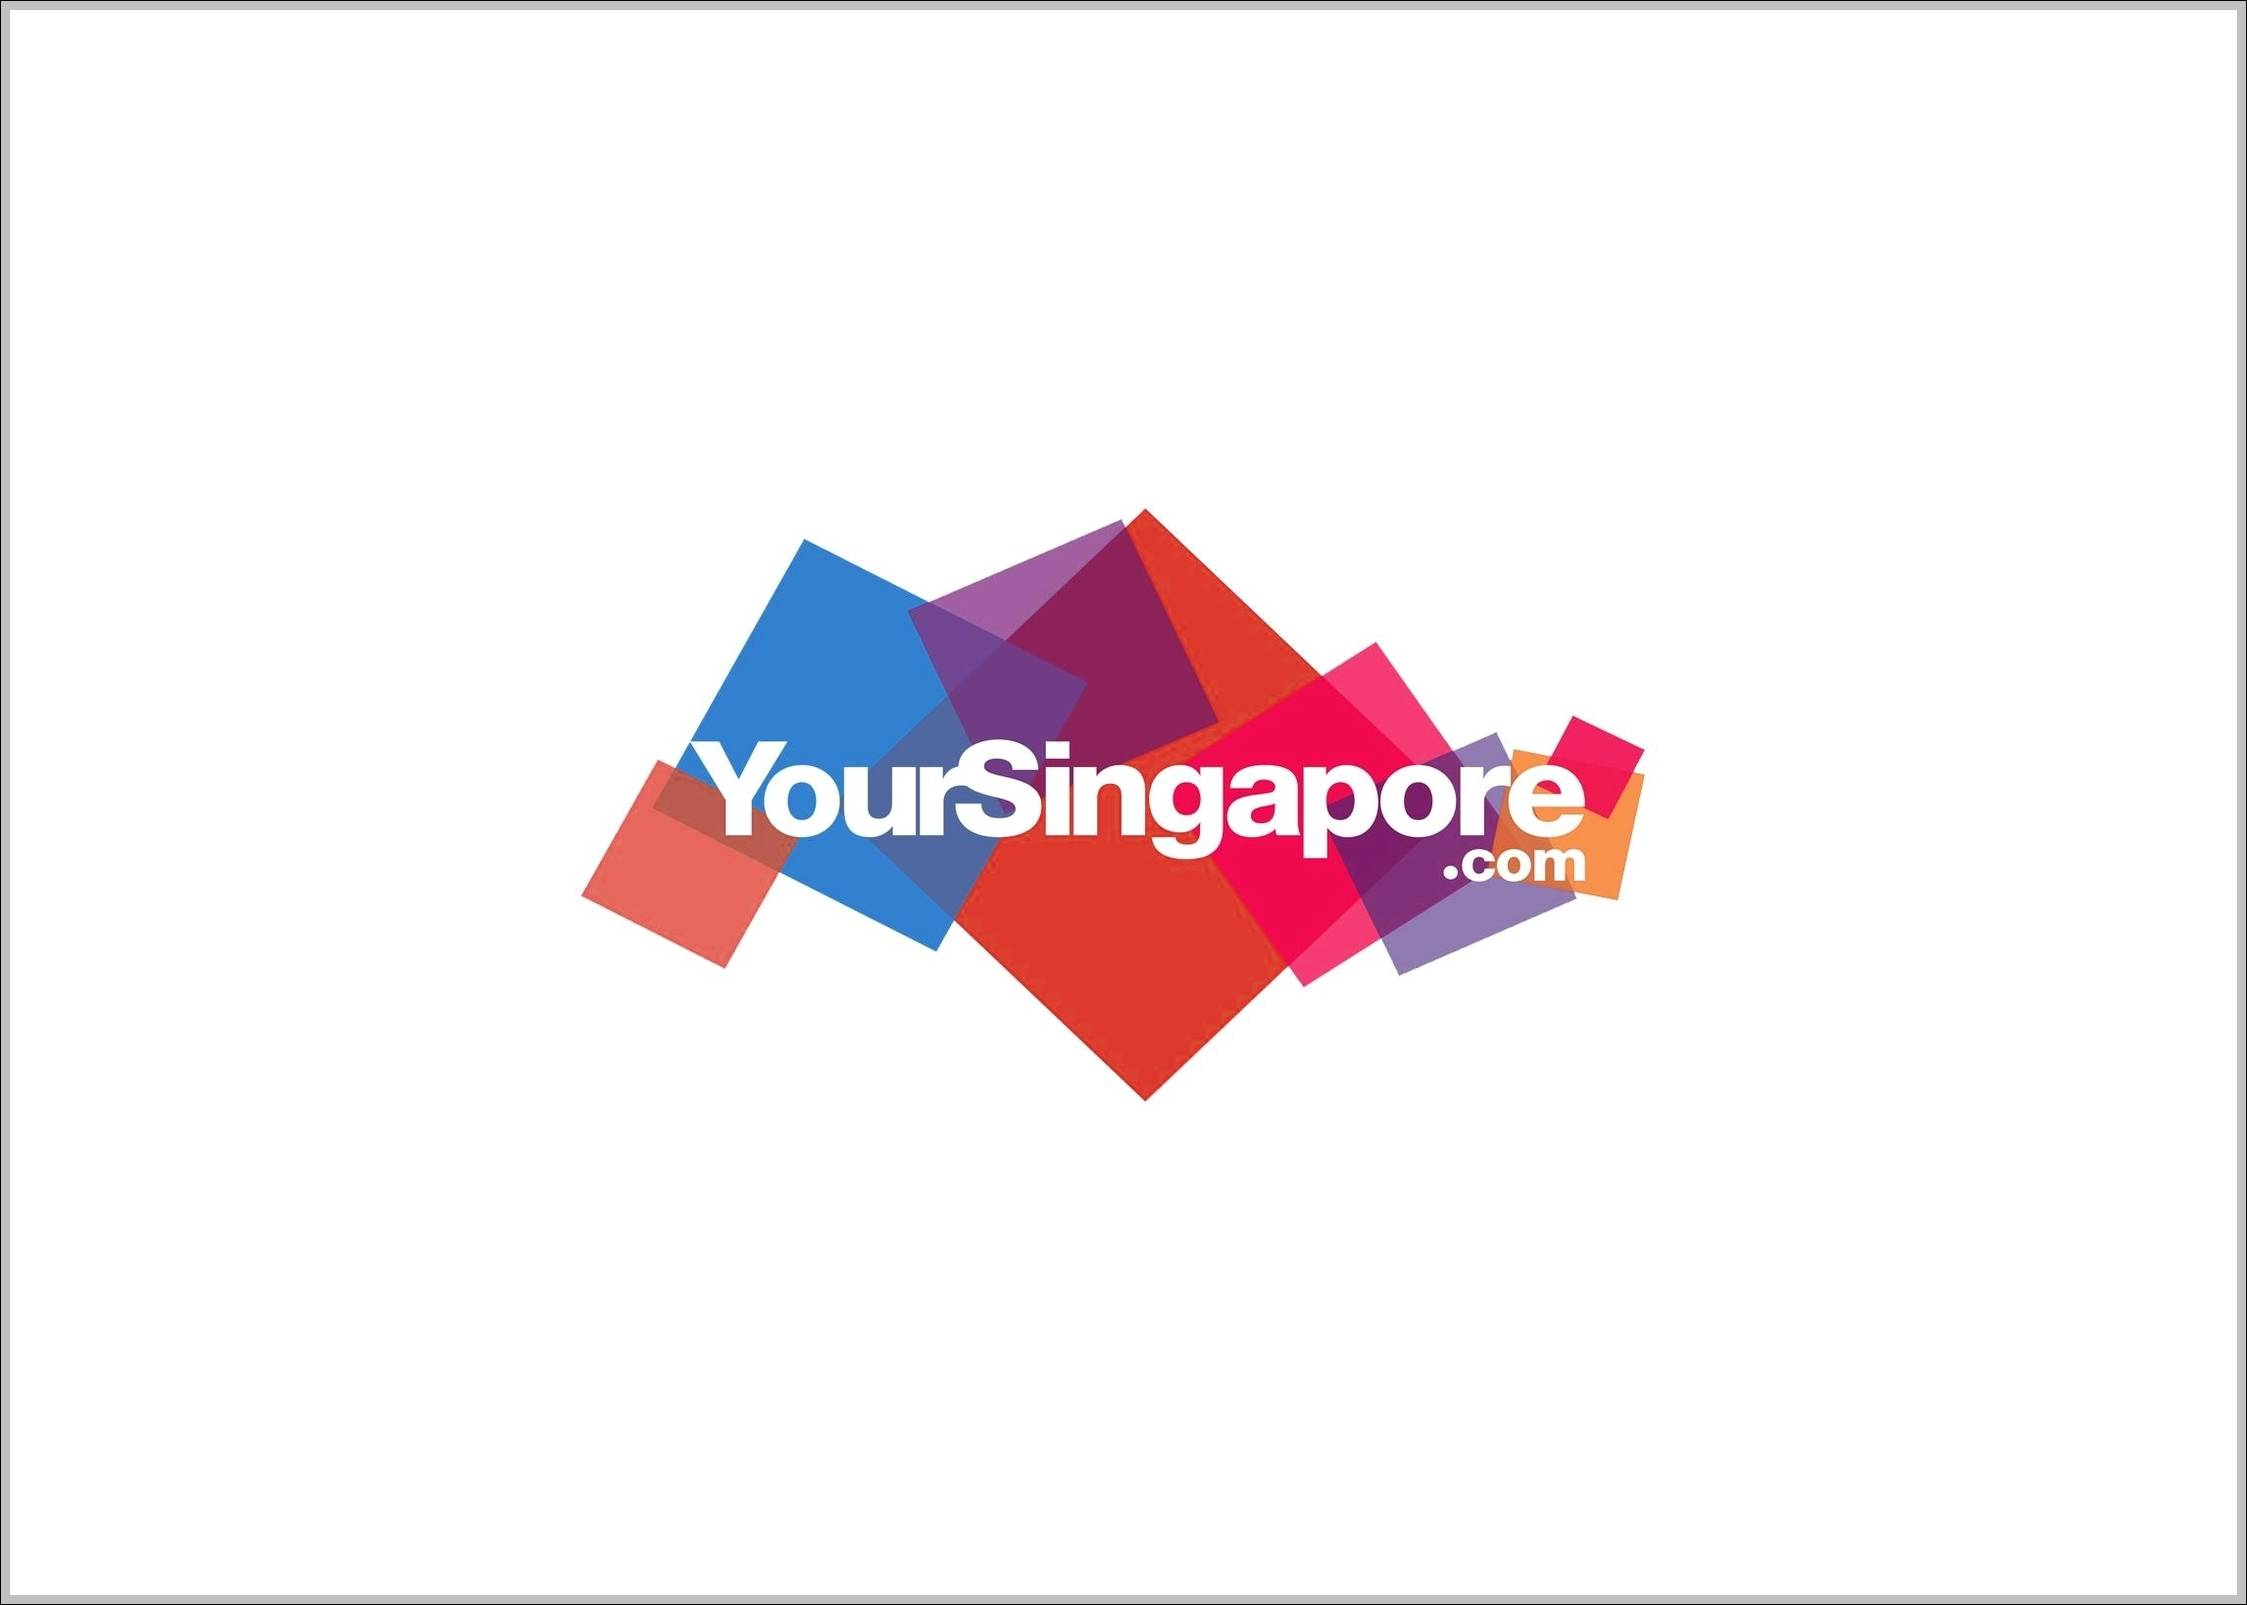 YourSingapore logo